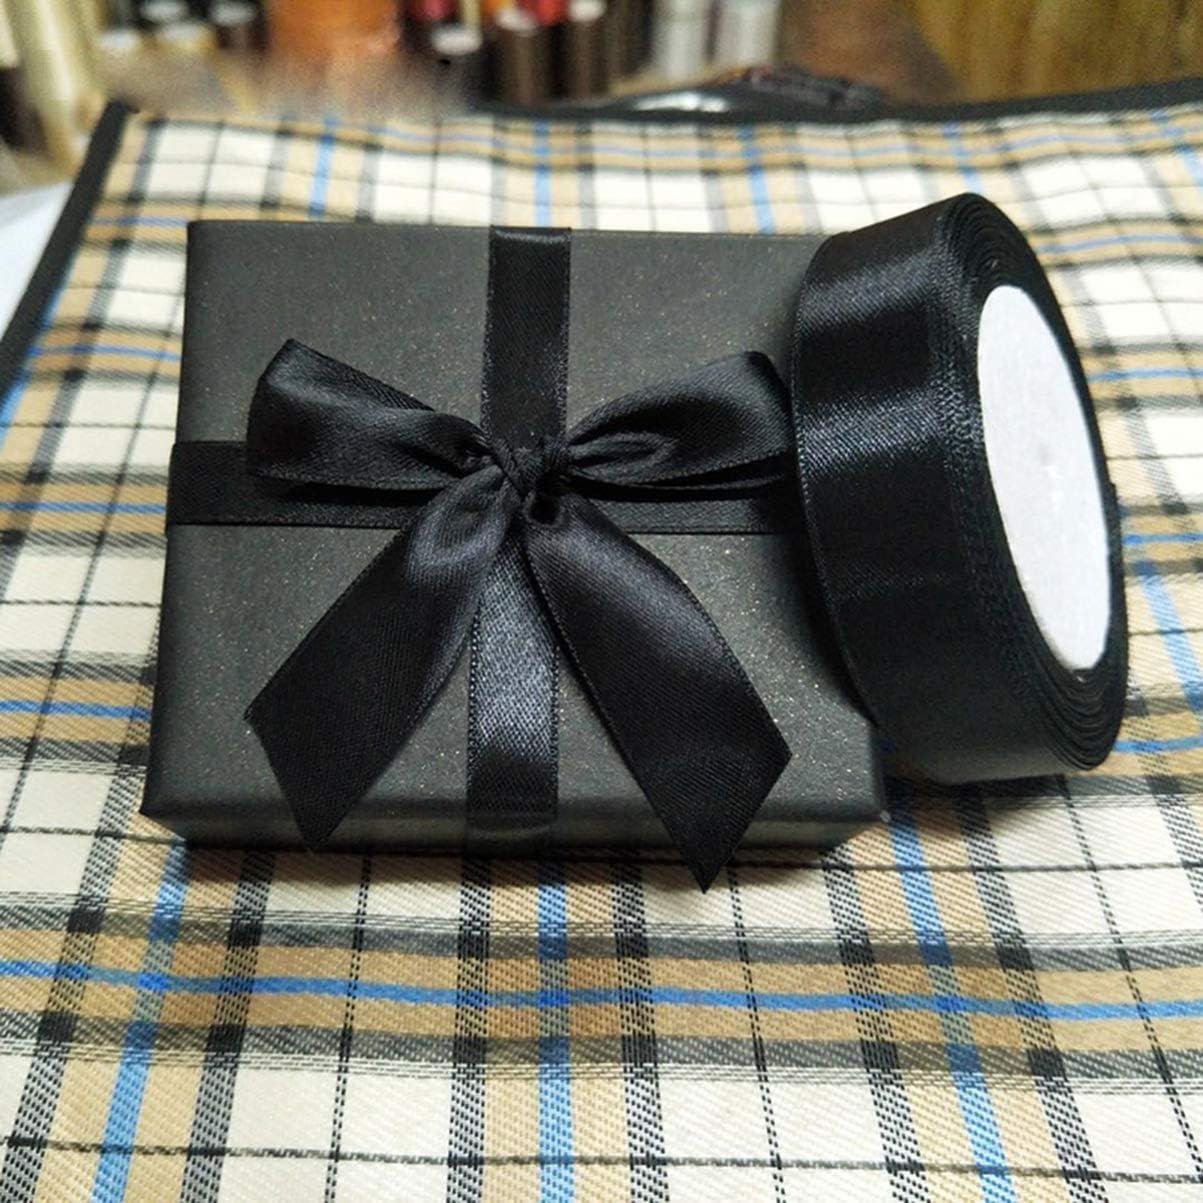 scrapbooking confezione regalo regalo 2250 x 2.5 cm fiocchi per capelli Grigio Heally avvolgere nastro biadesivo in tessuto per artigianato Poliestere 1 rotolo di nastro di raso per regali